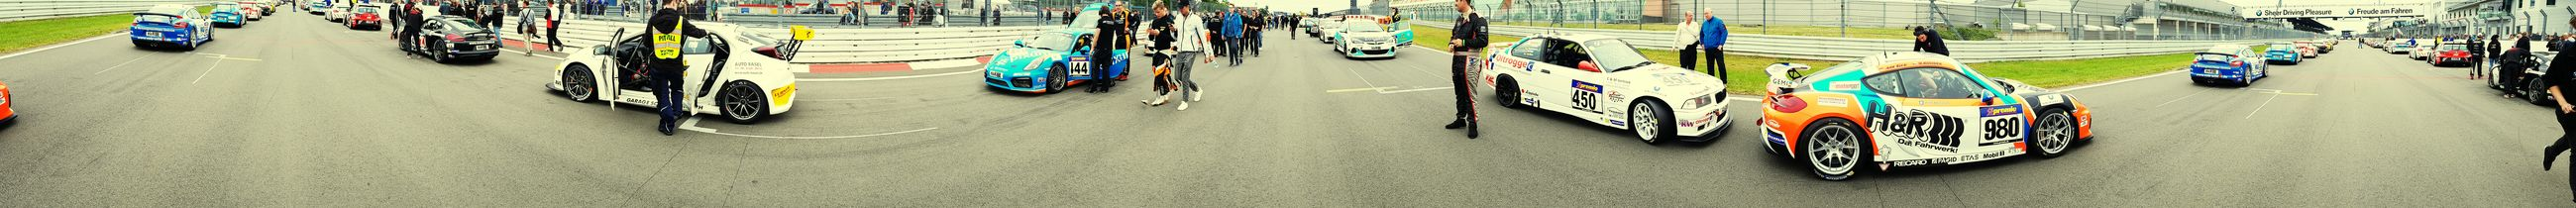 Race Bestofclass Nurburgring BMW M3 Motorsport Teamthiemann Thiemann Bmw Porsche AMG VLN 360 Panorama Samsung Galaxy S7 Edge